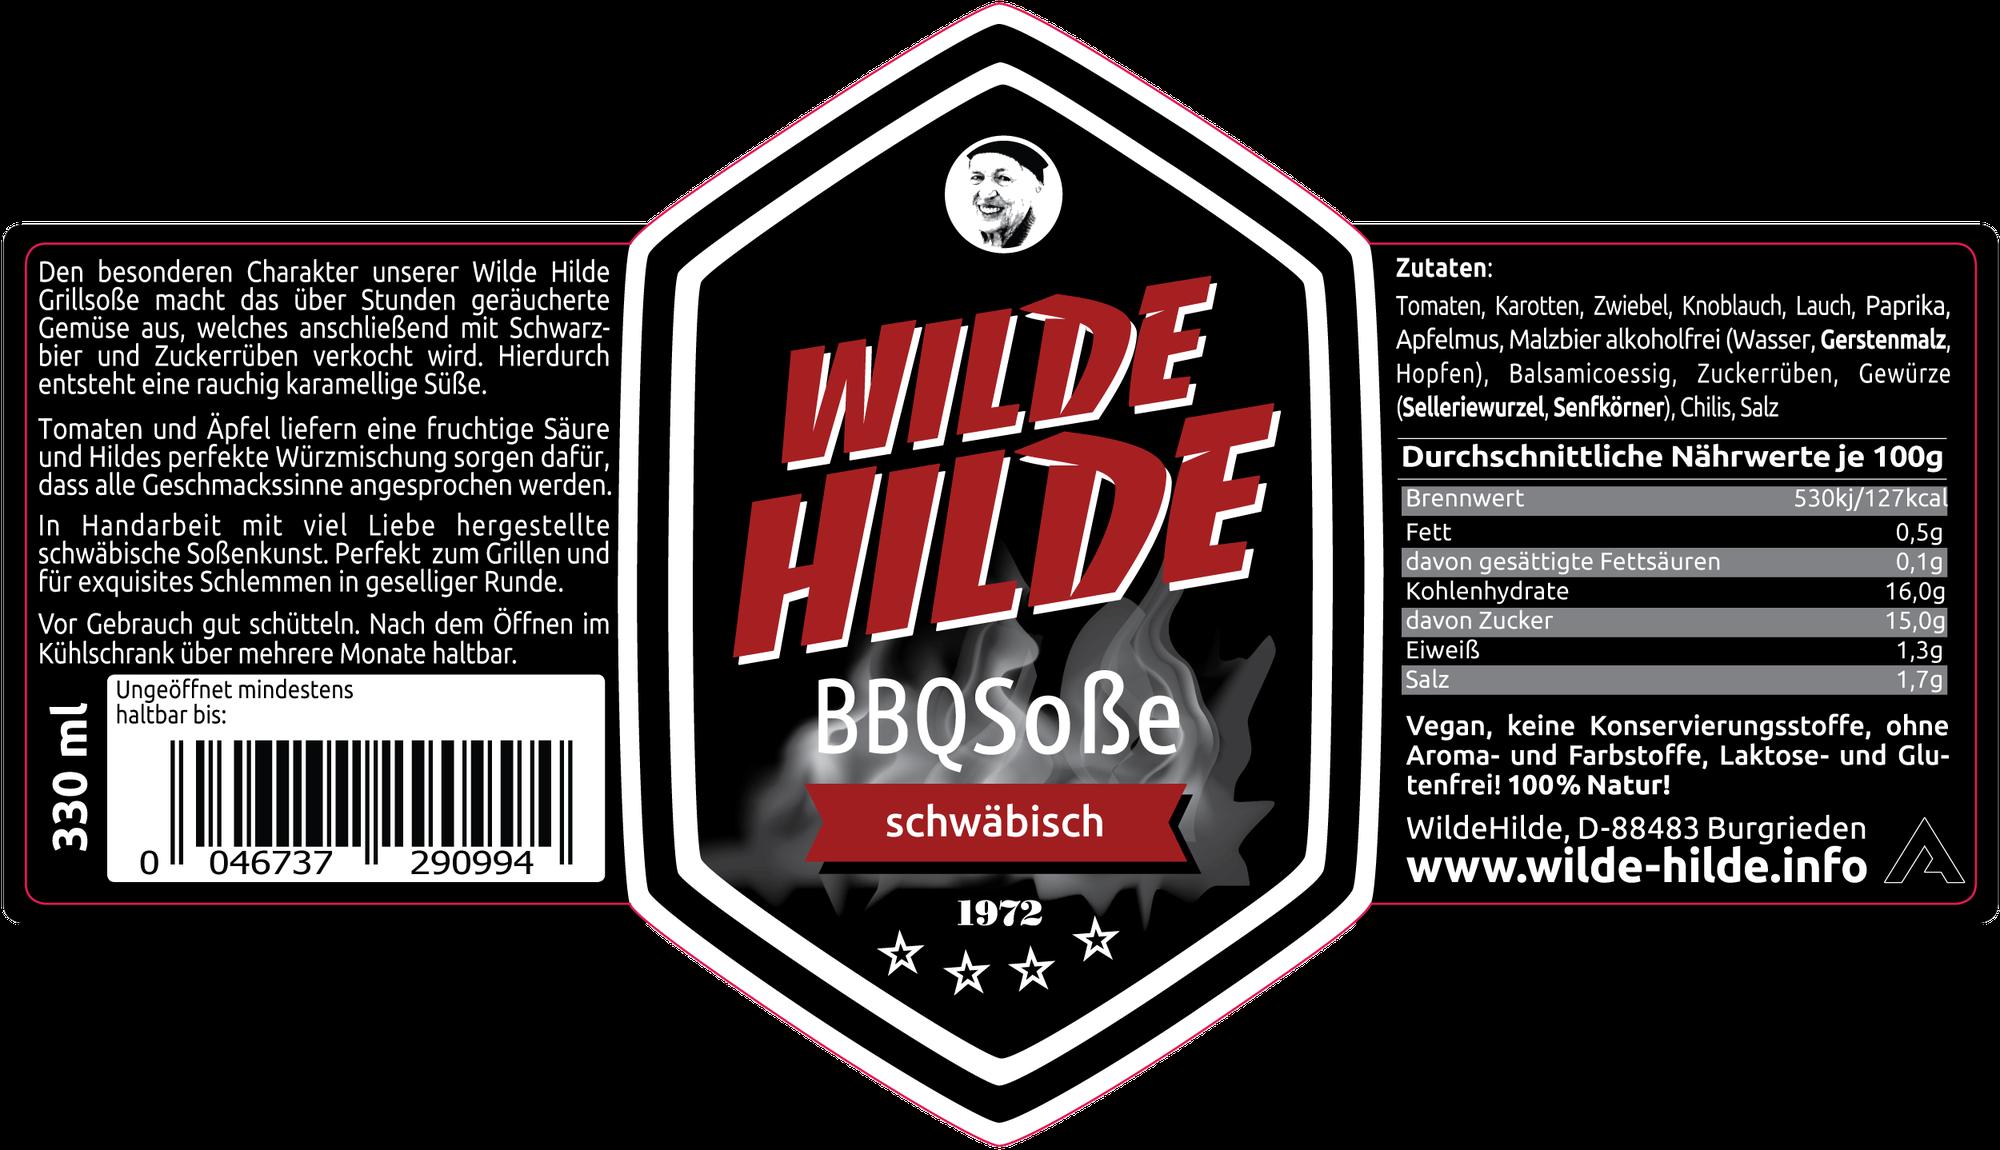 Wilde Hilde schwäbische BBQ Soße mit Schwarzbier